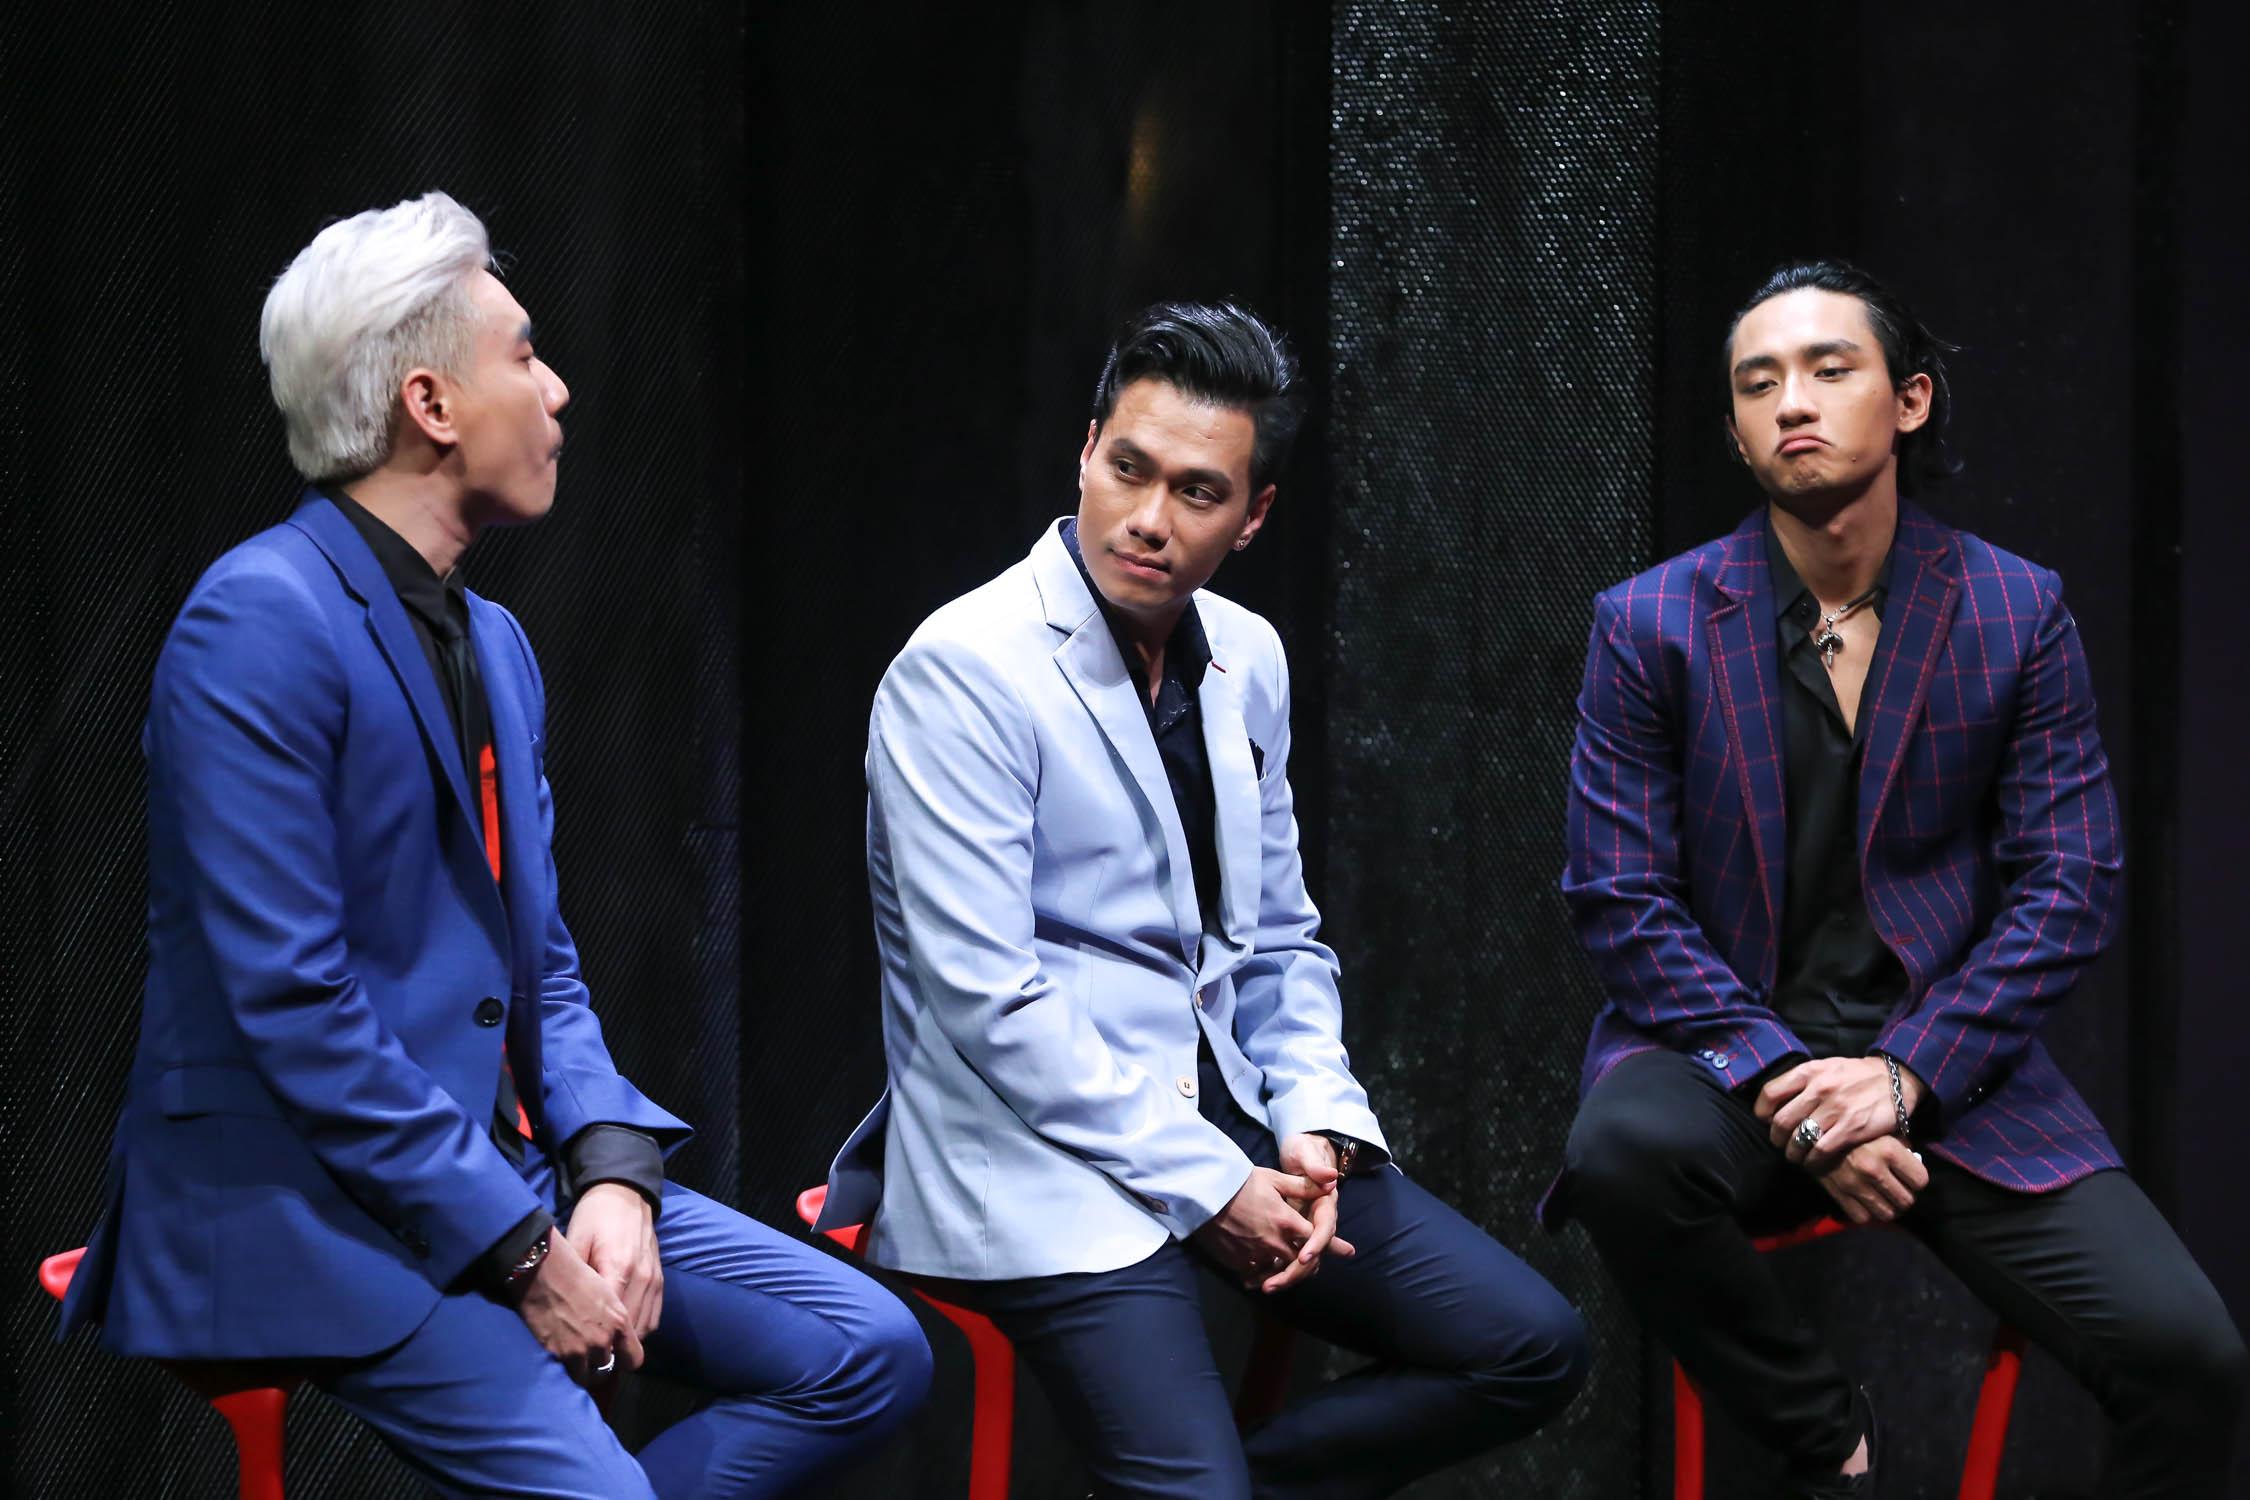 Làm soái ca để người đẹp quyến rũ nhưng Việt Anh lại khiến áo sơmi suýt nứt cúc vì hơi thừa cân - Ảnh 2.